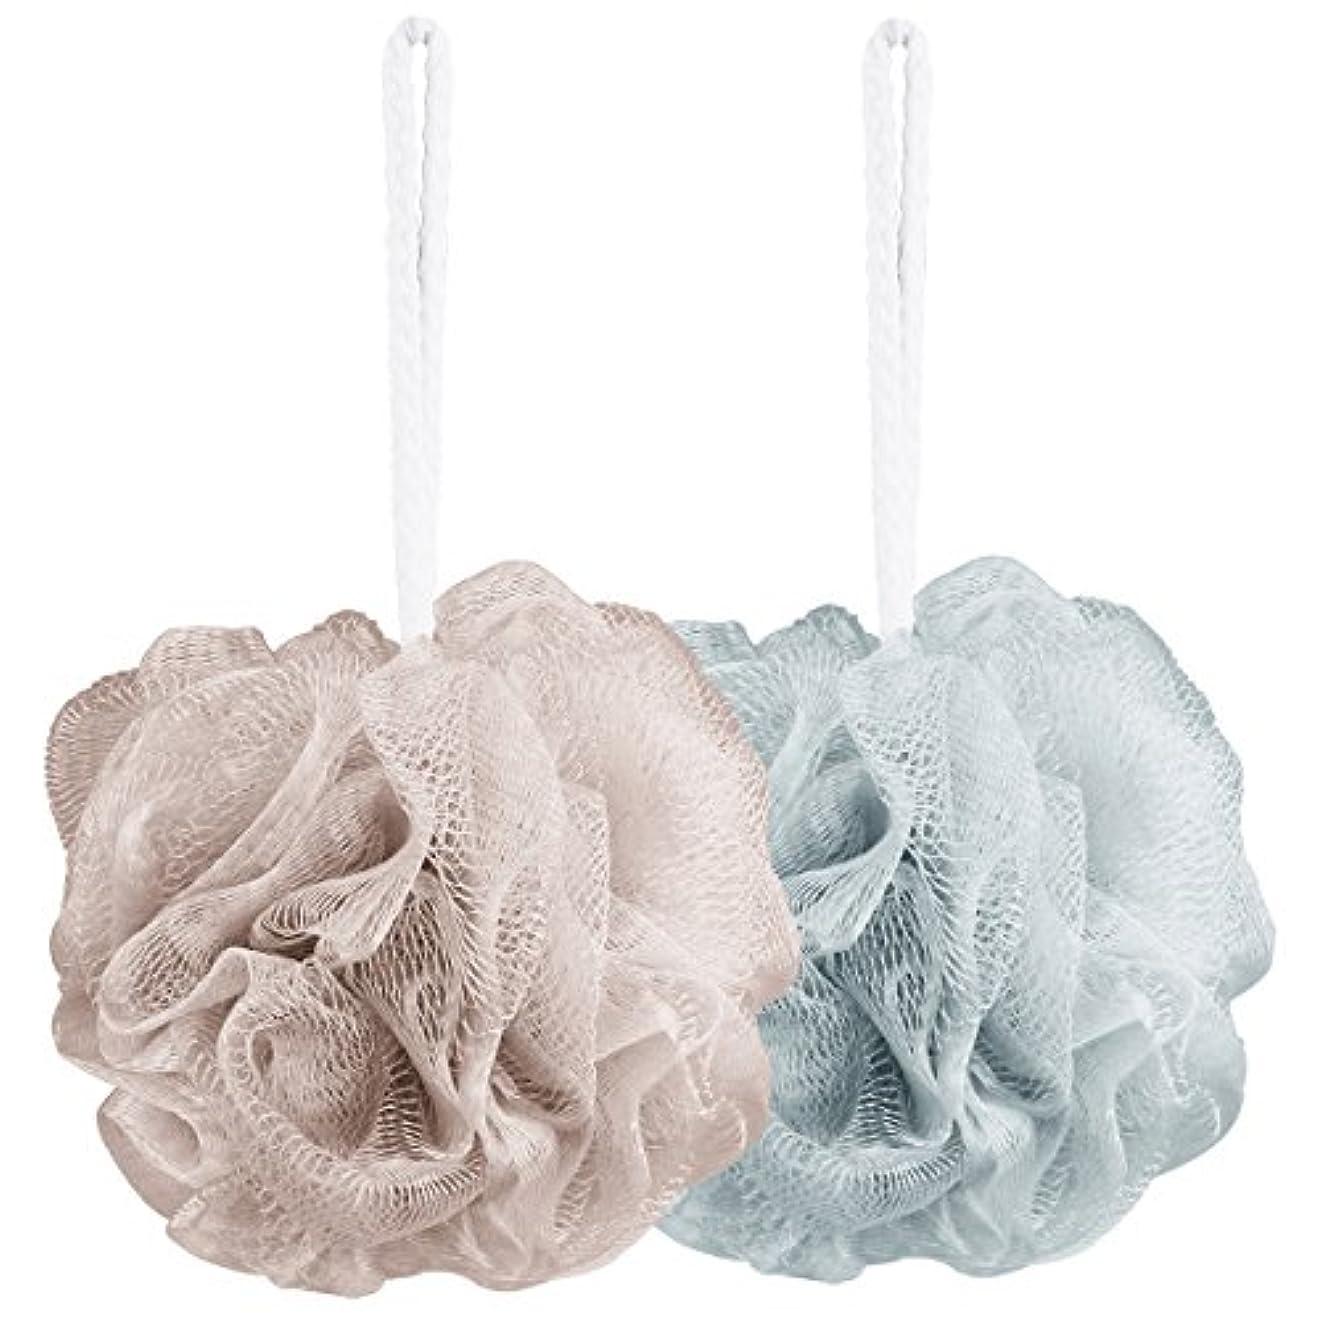 圧縮プリーツ針Aahlsen 泡立てネット 超柔軟 シャワー用 ボディ用お風呂ボール 花形 タオル 2点セット